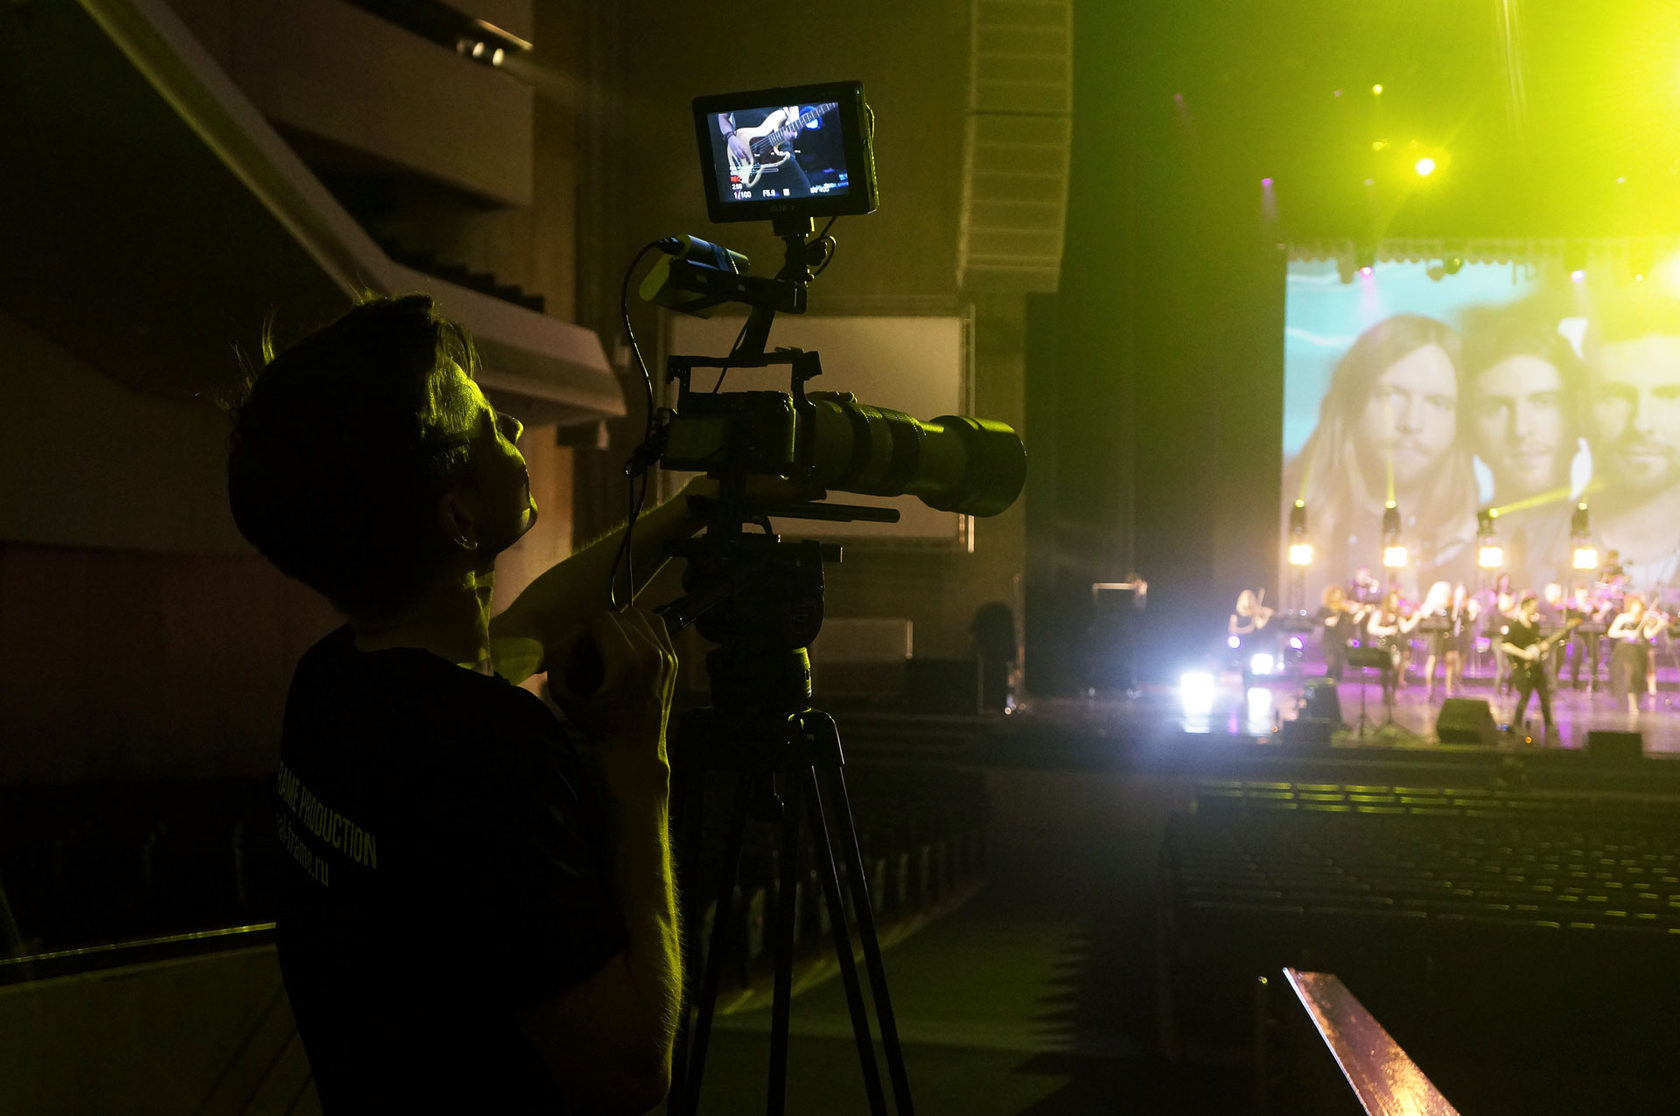 фотокамера для съемки концертов тот фотограф, которому